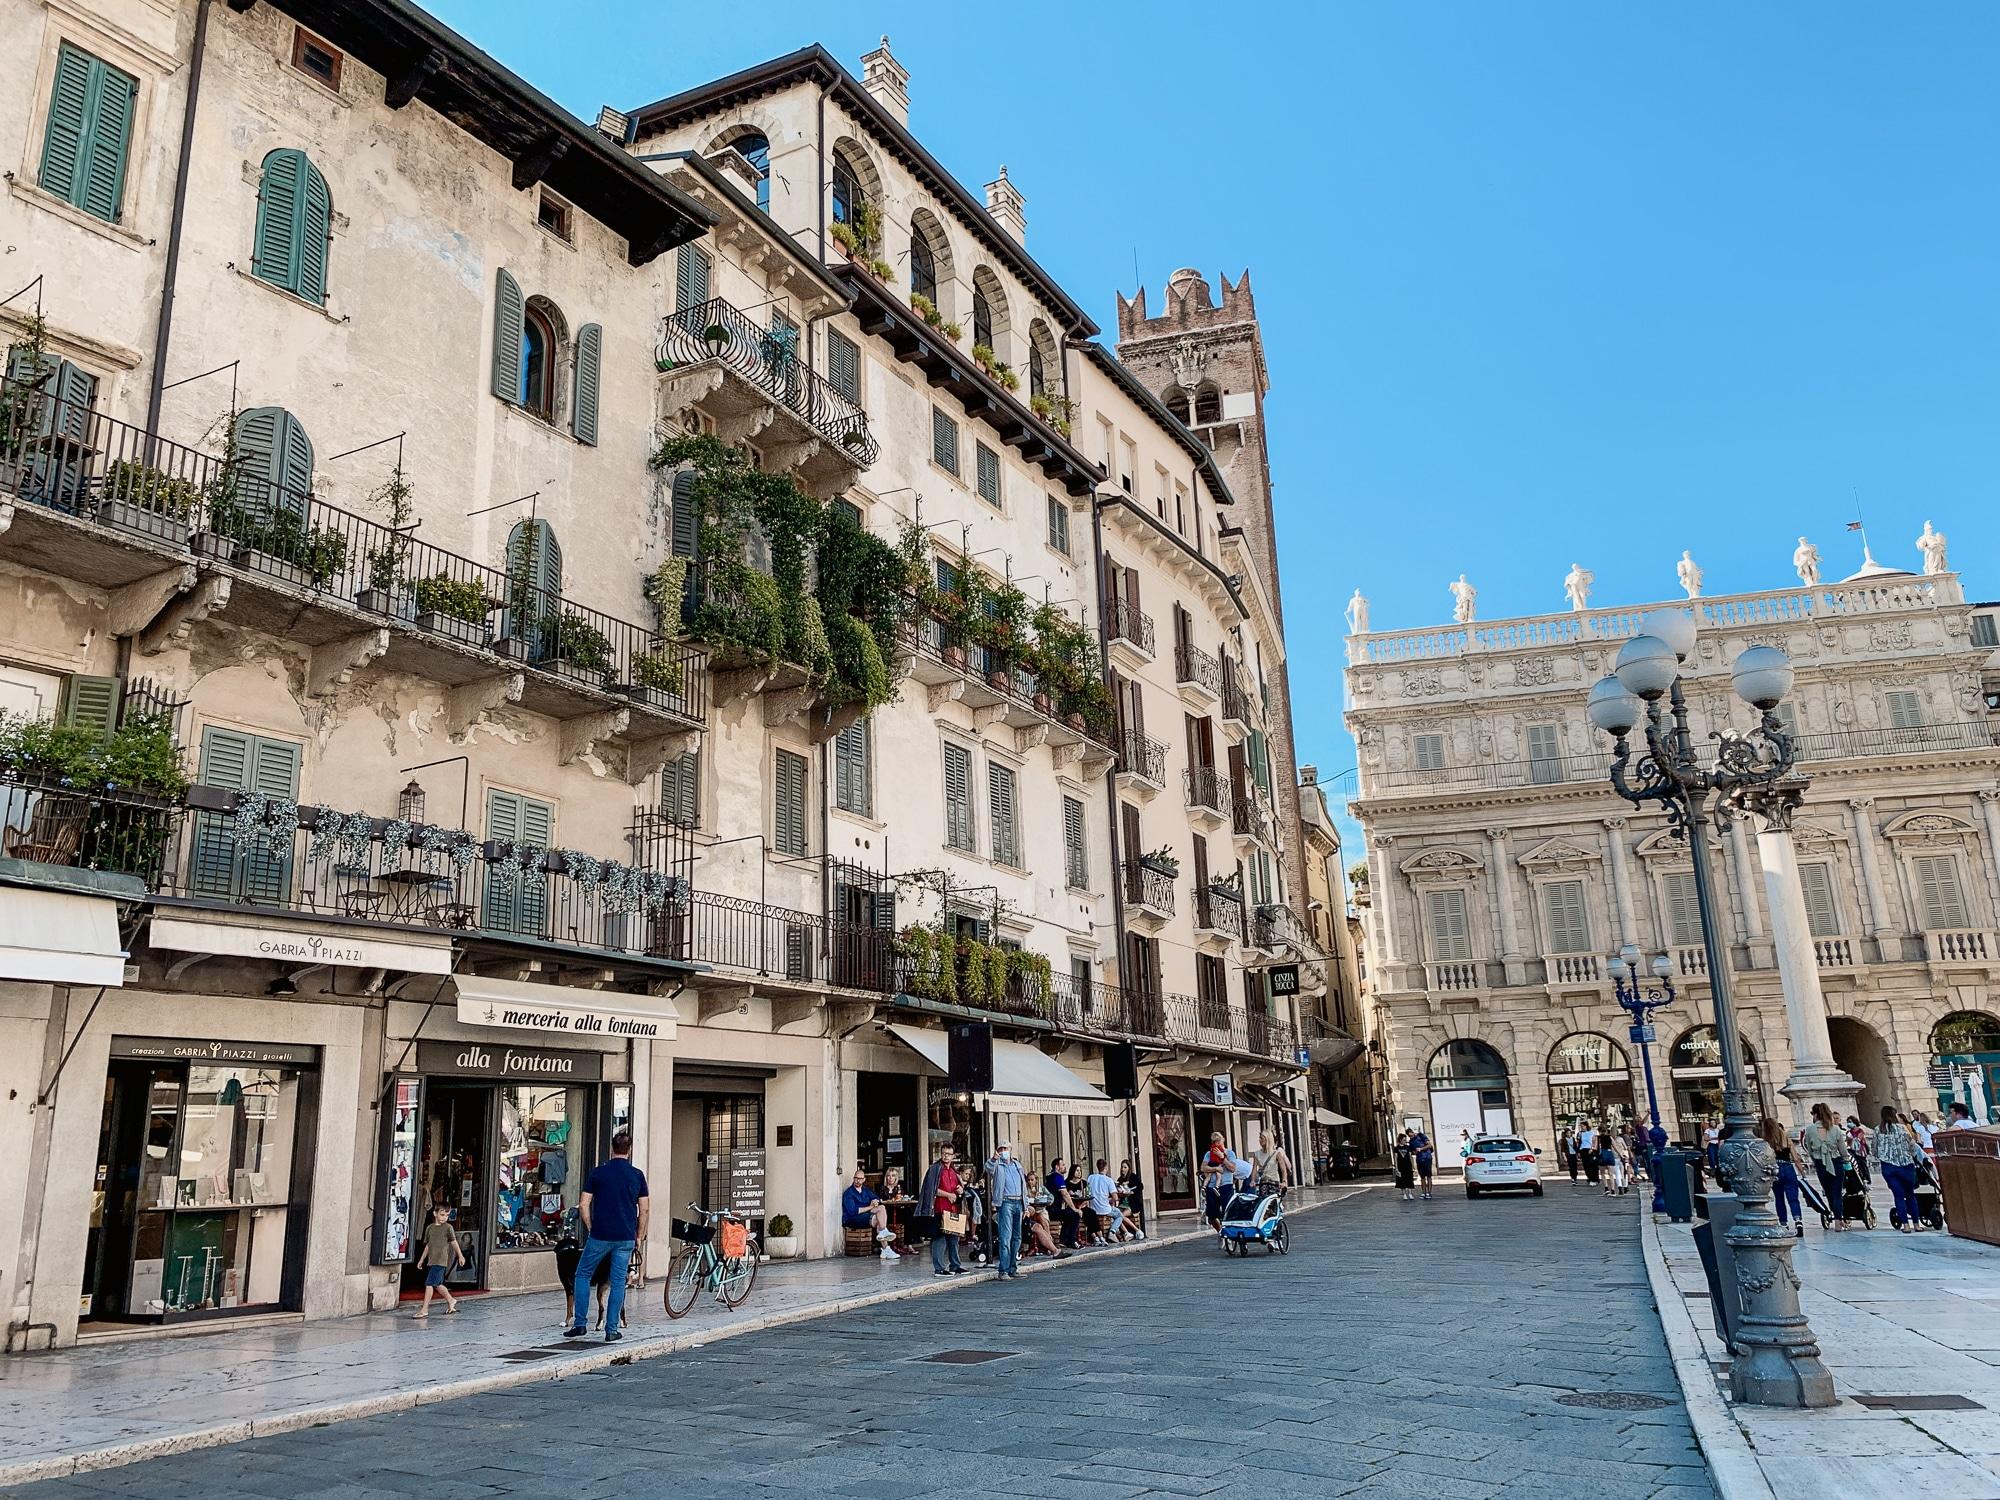 Verona Sehenswürdigkeiten - Marktplatz